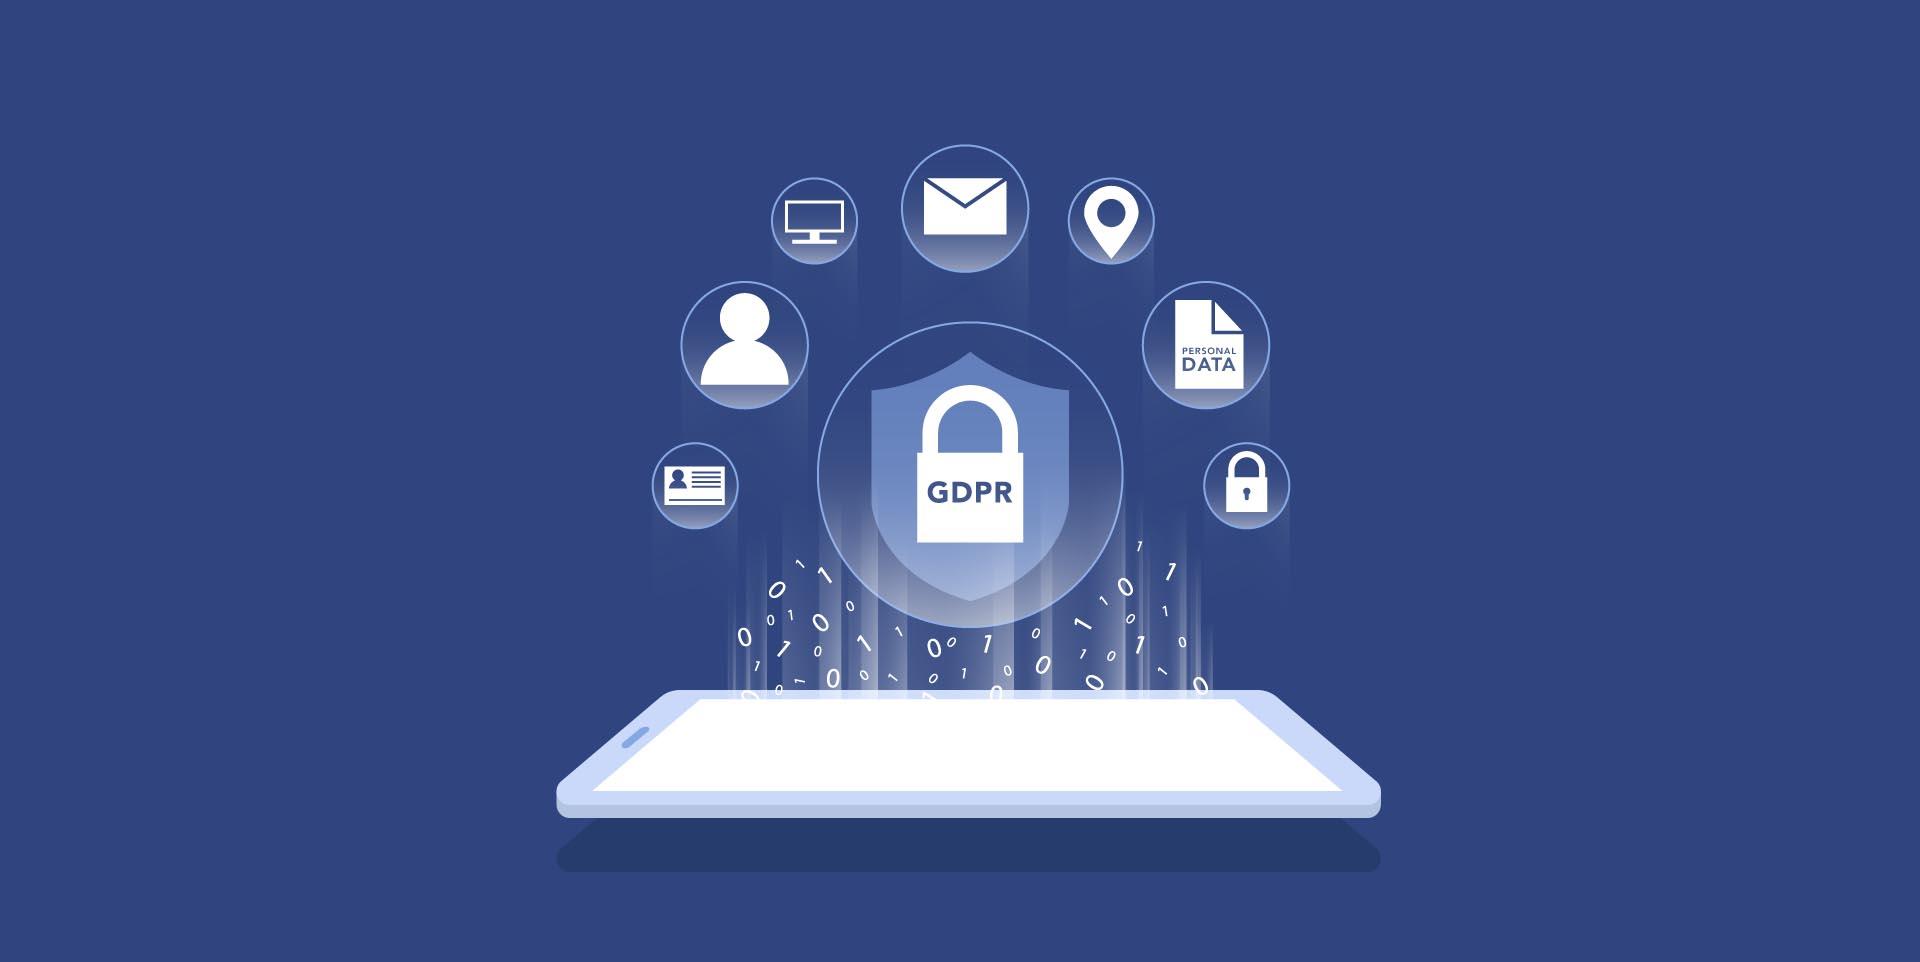 Cellulare su sfondo blu con icone sullla sicurezza dei dati personali